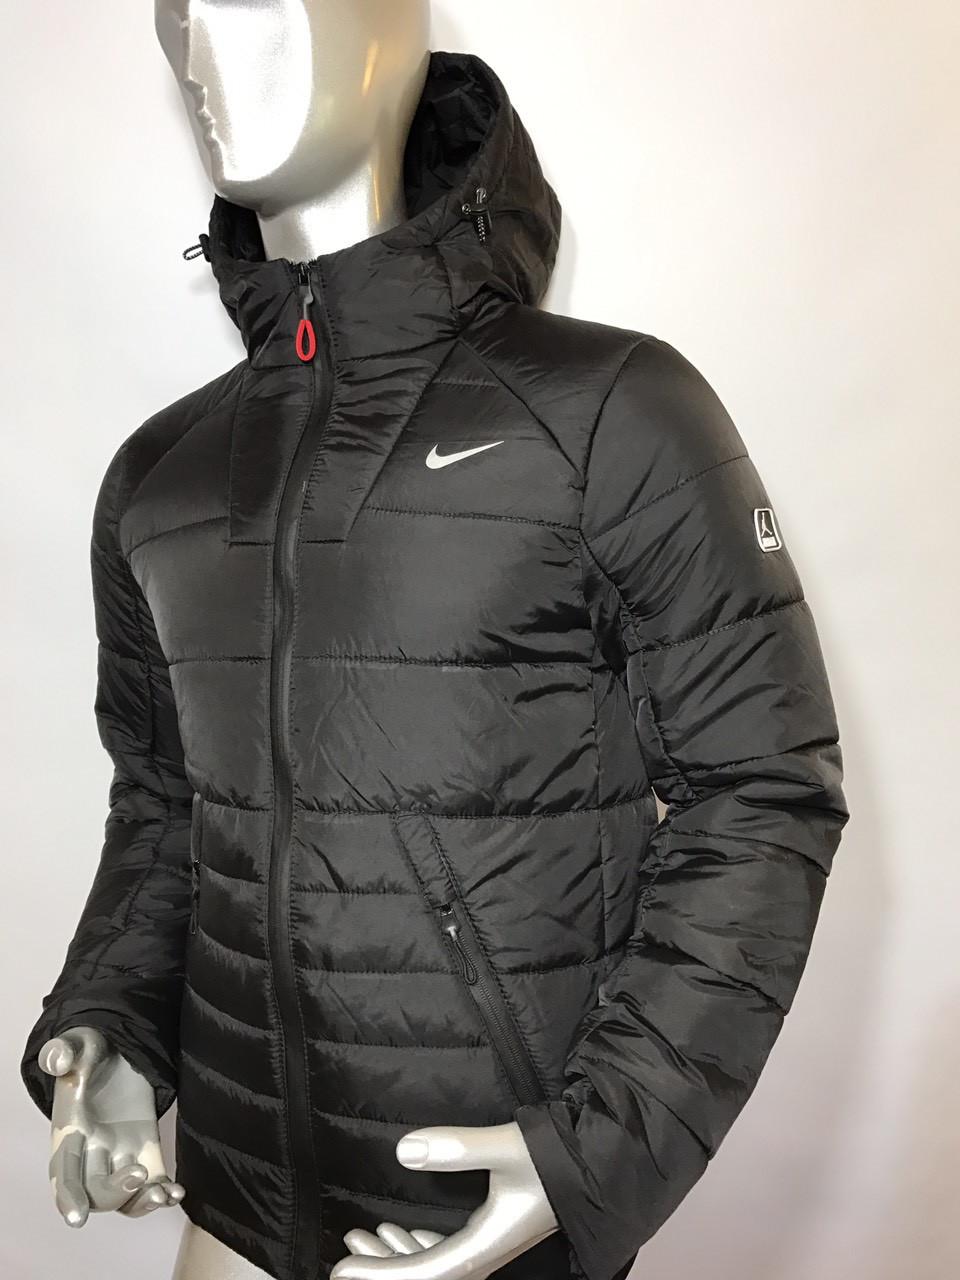 d19ce486 Мужская куртка Nike из плащевки копия, цена 720 грн., купить в ...